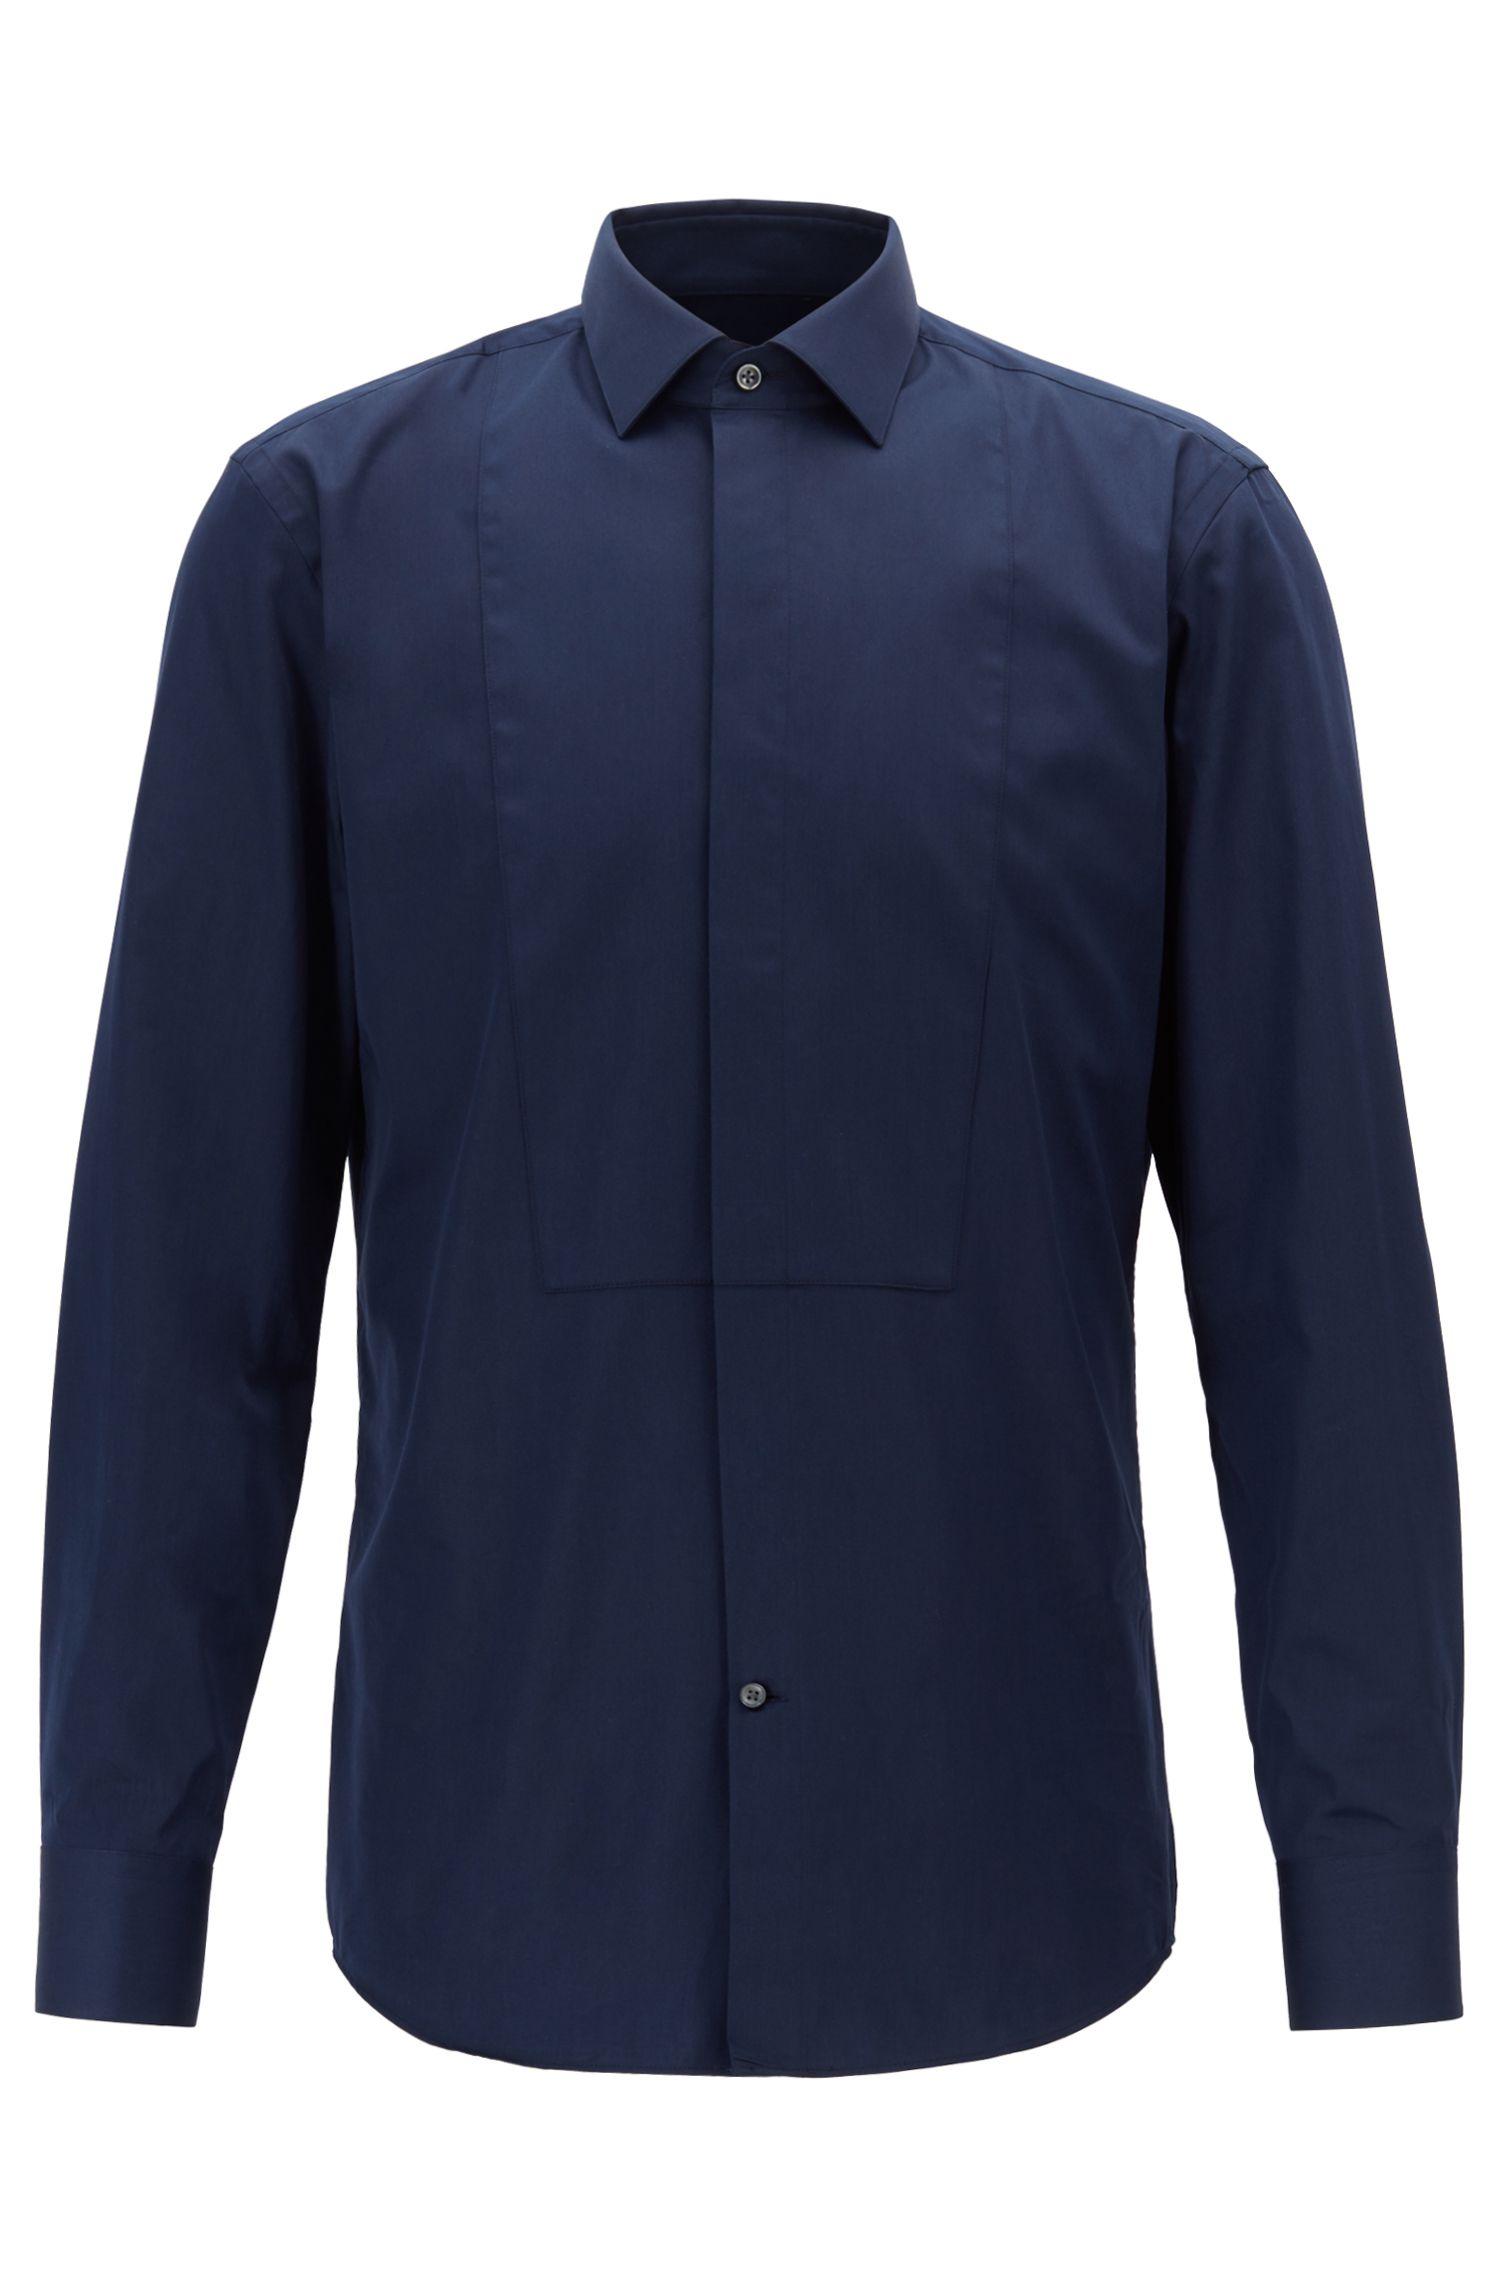 Camicia formale slim fit in cotone effetto satin con polsini alla francese, Blu scuro